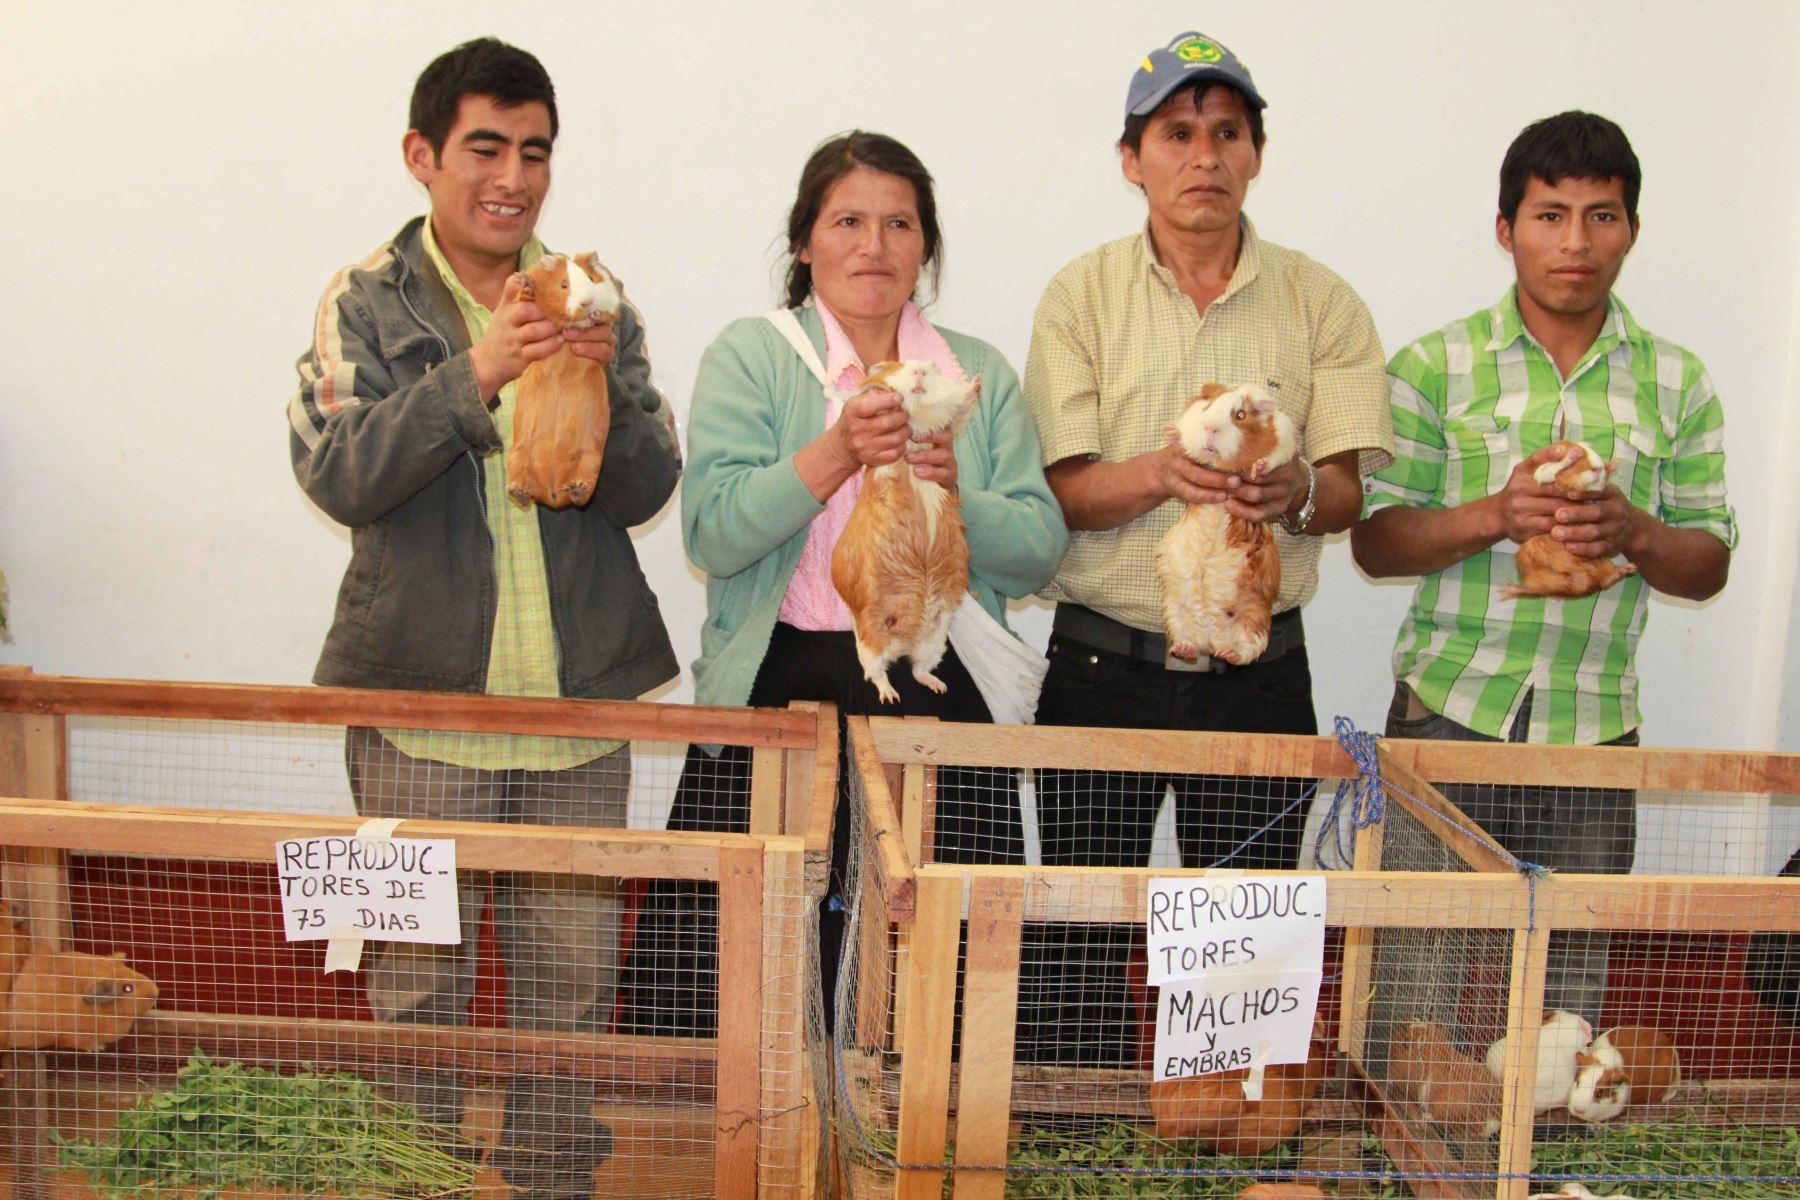 Destacan el impacto de emprendimientos, como la crianza de cuy, en la economía de la sierra y selva peruana. ANDINA/Difusión.